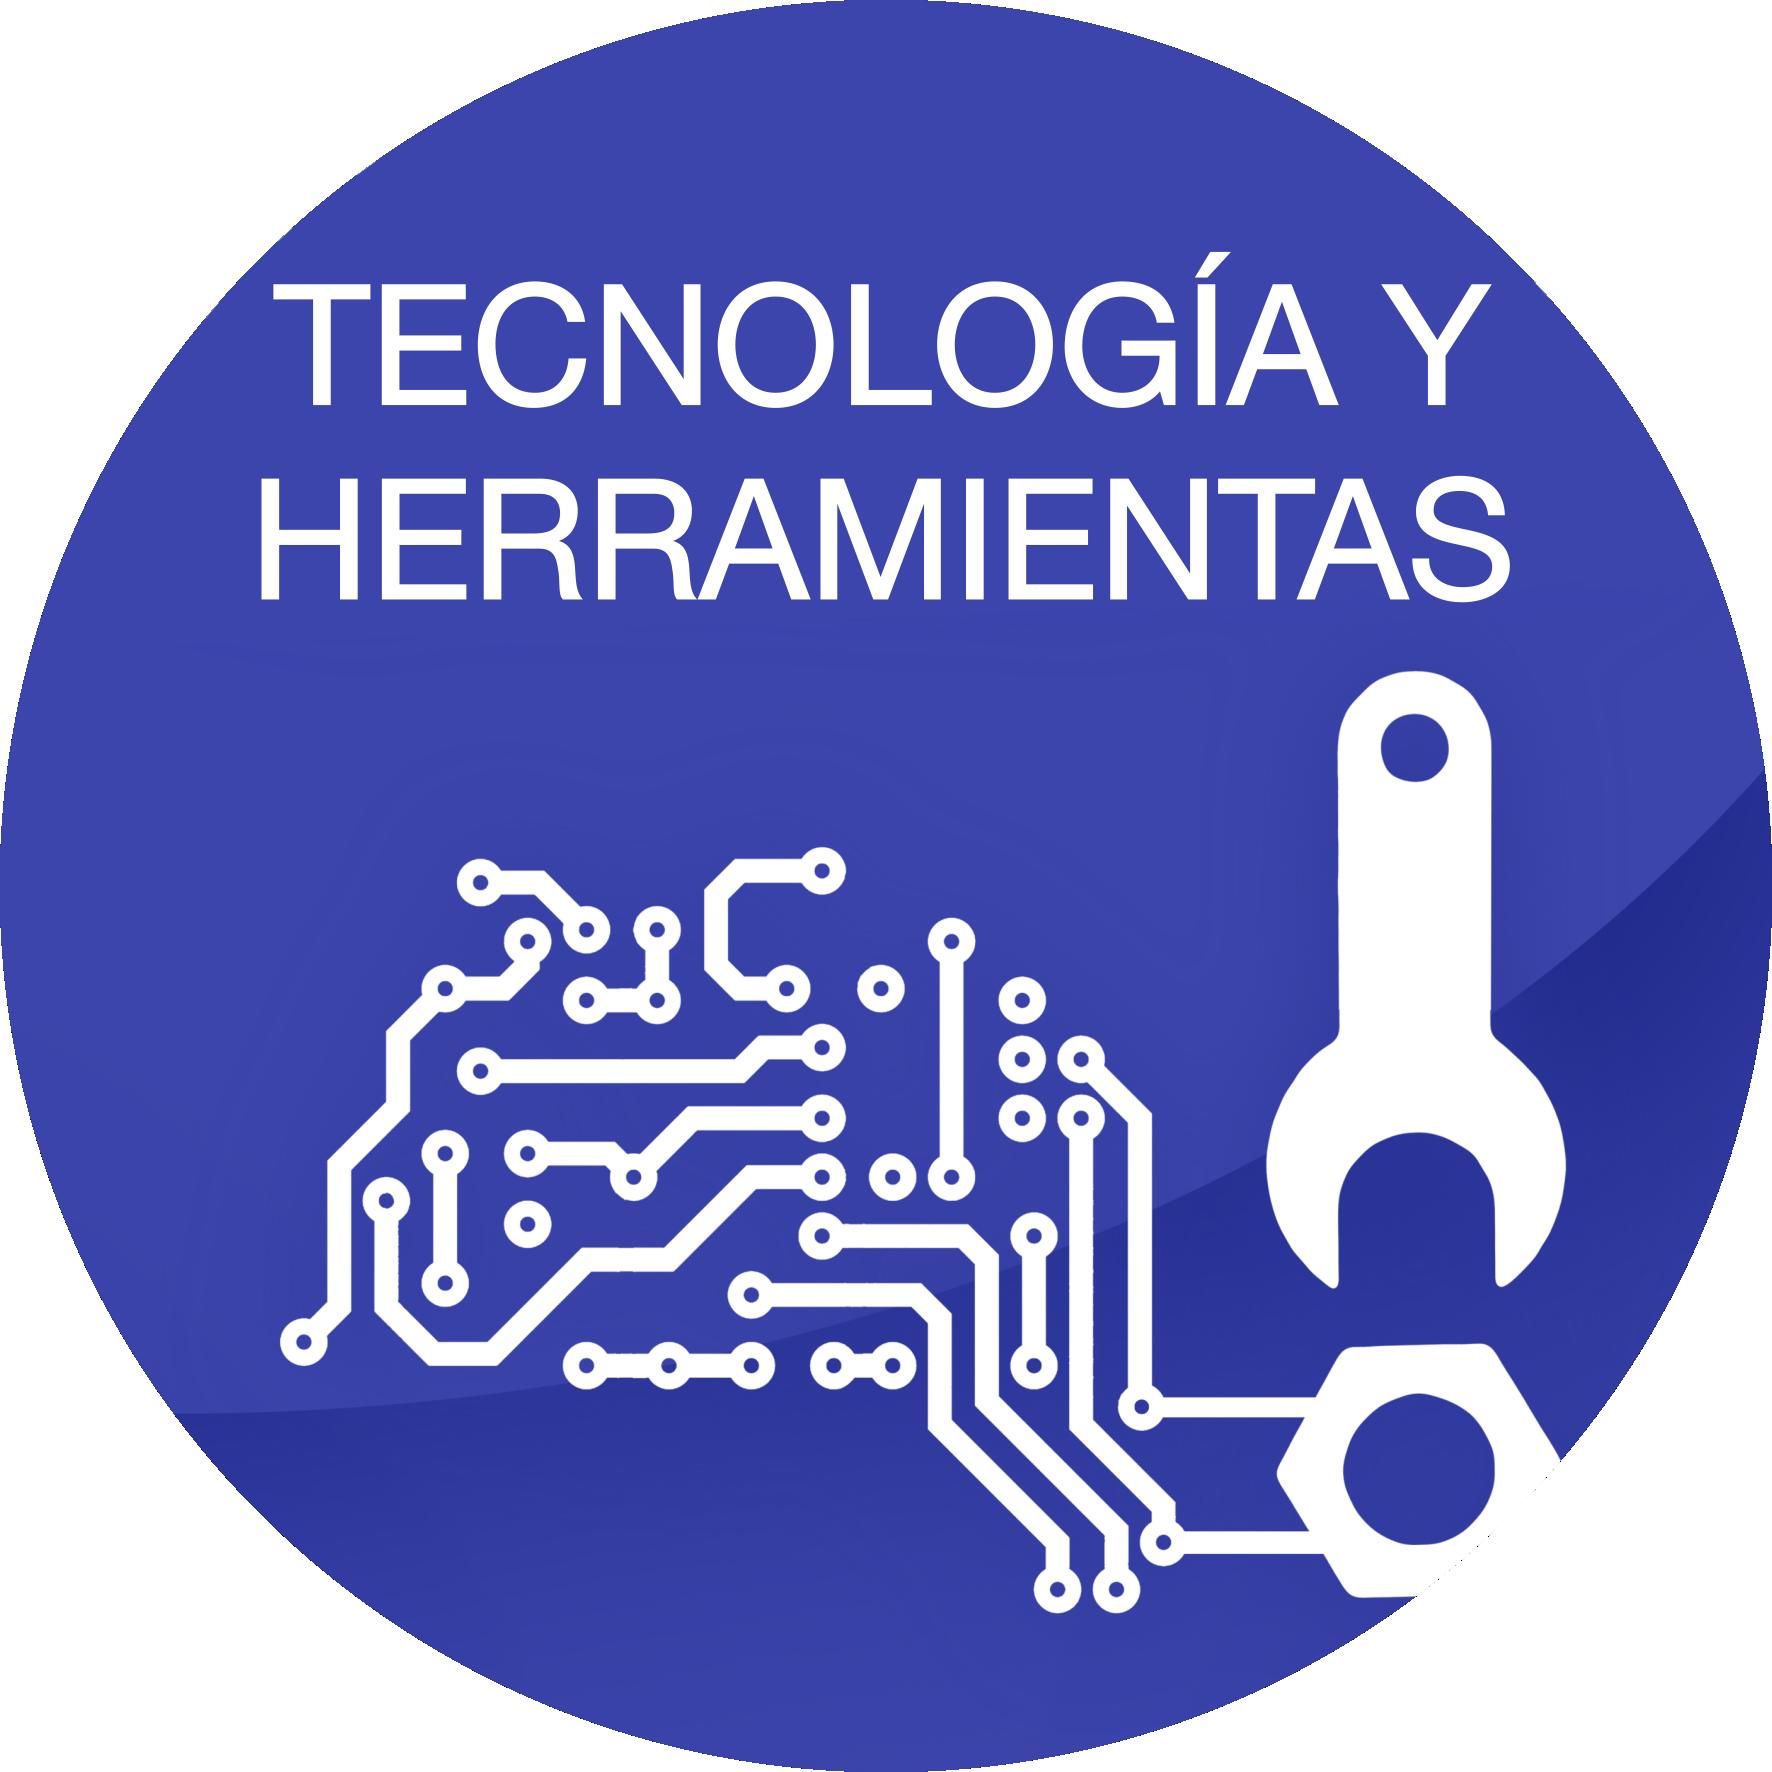 tecnologia y herramientas